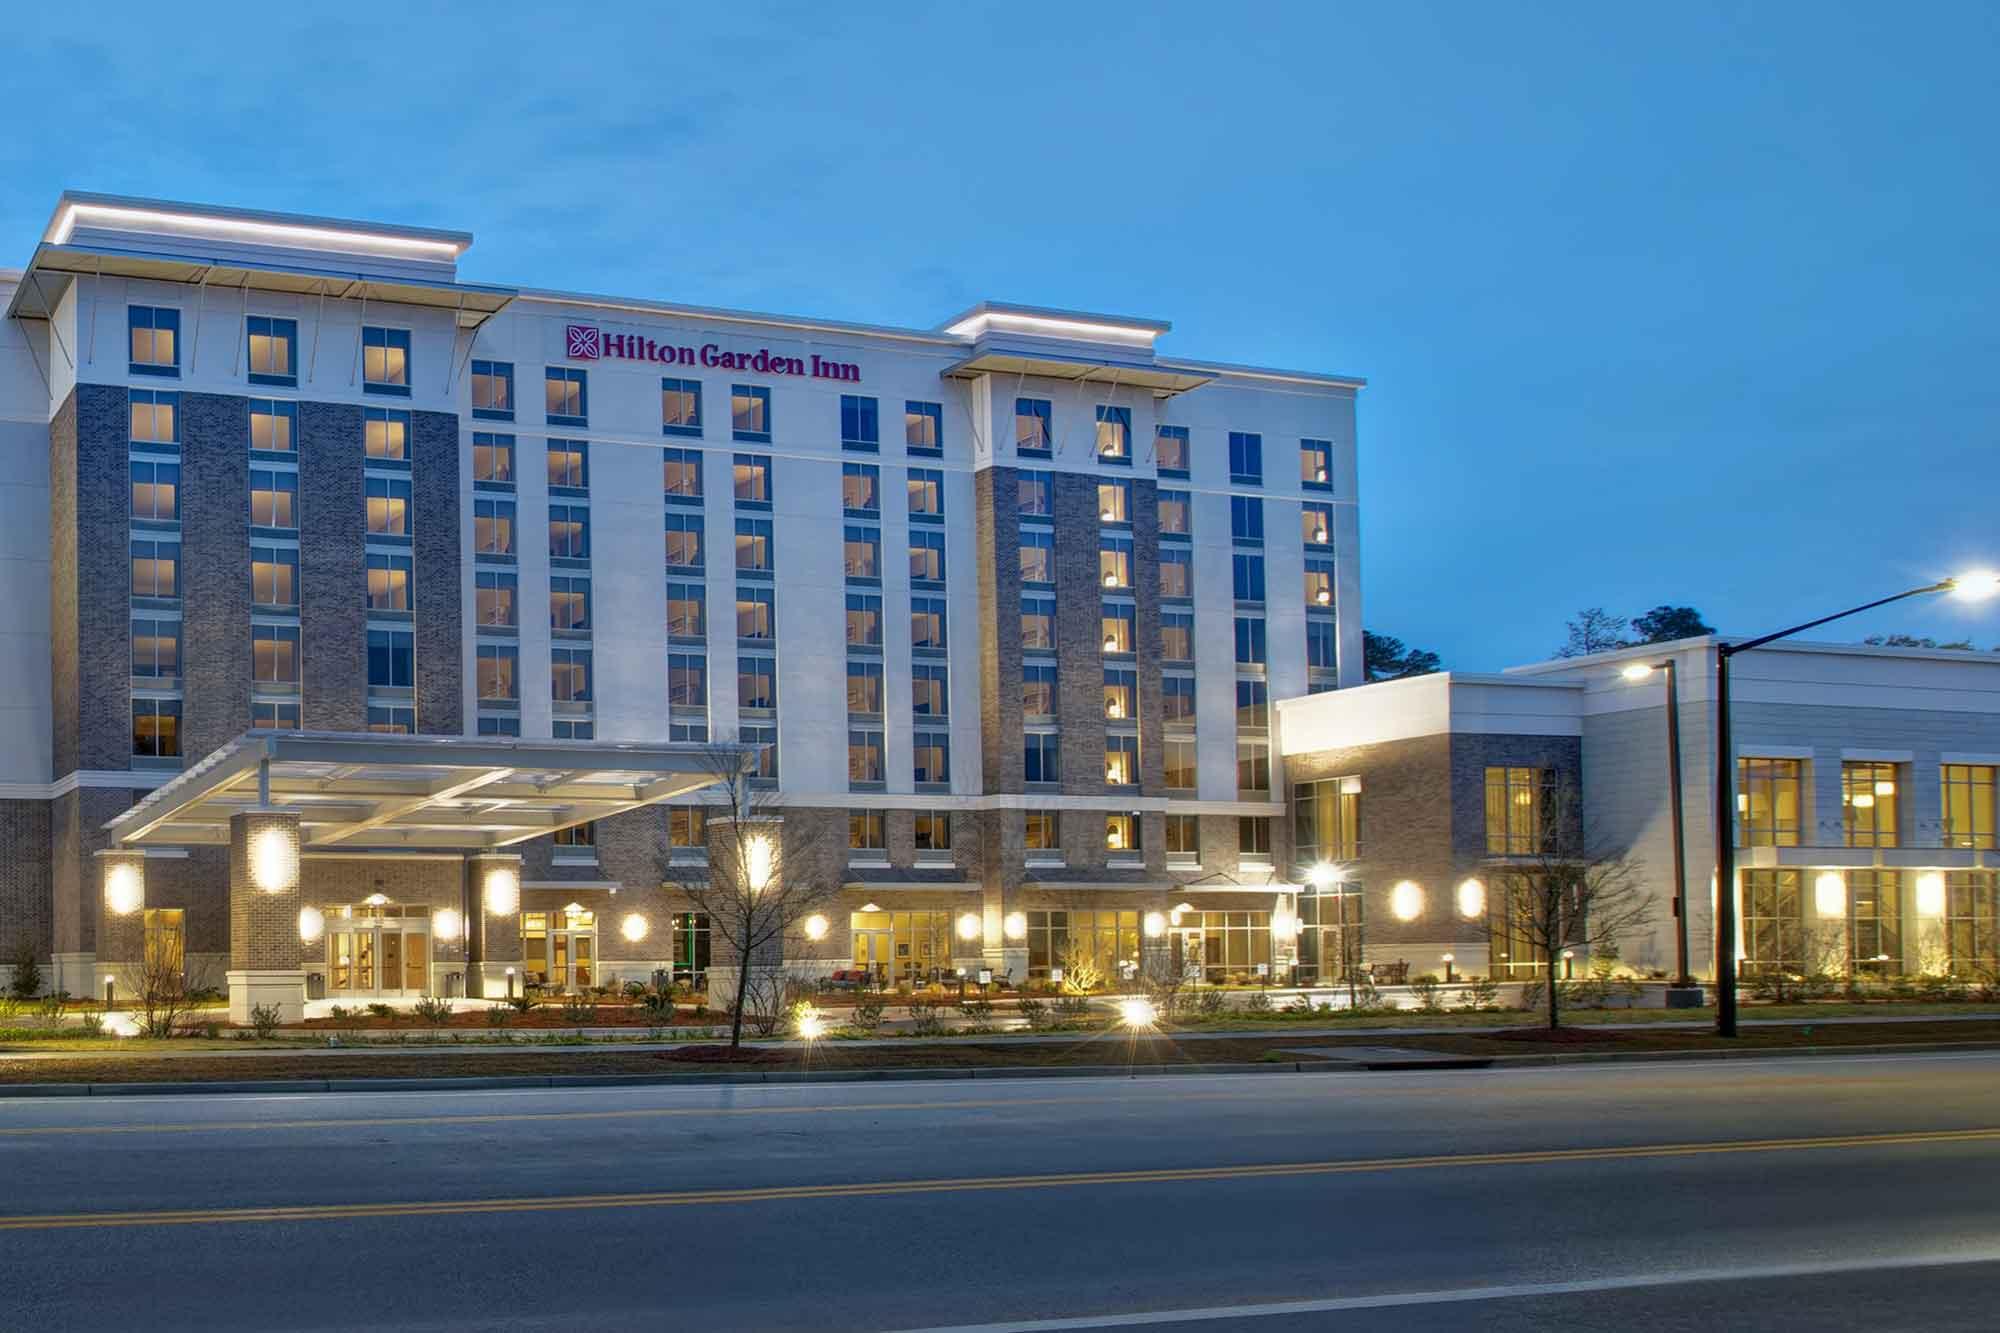 Hampton Park/Hilton Garden Inn